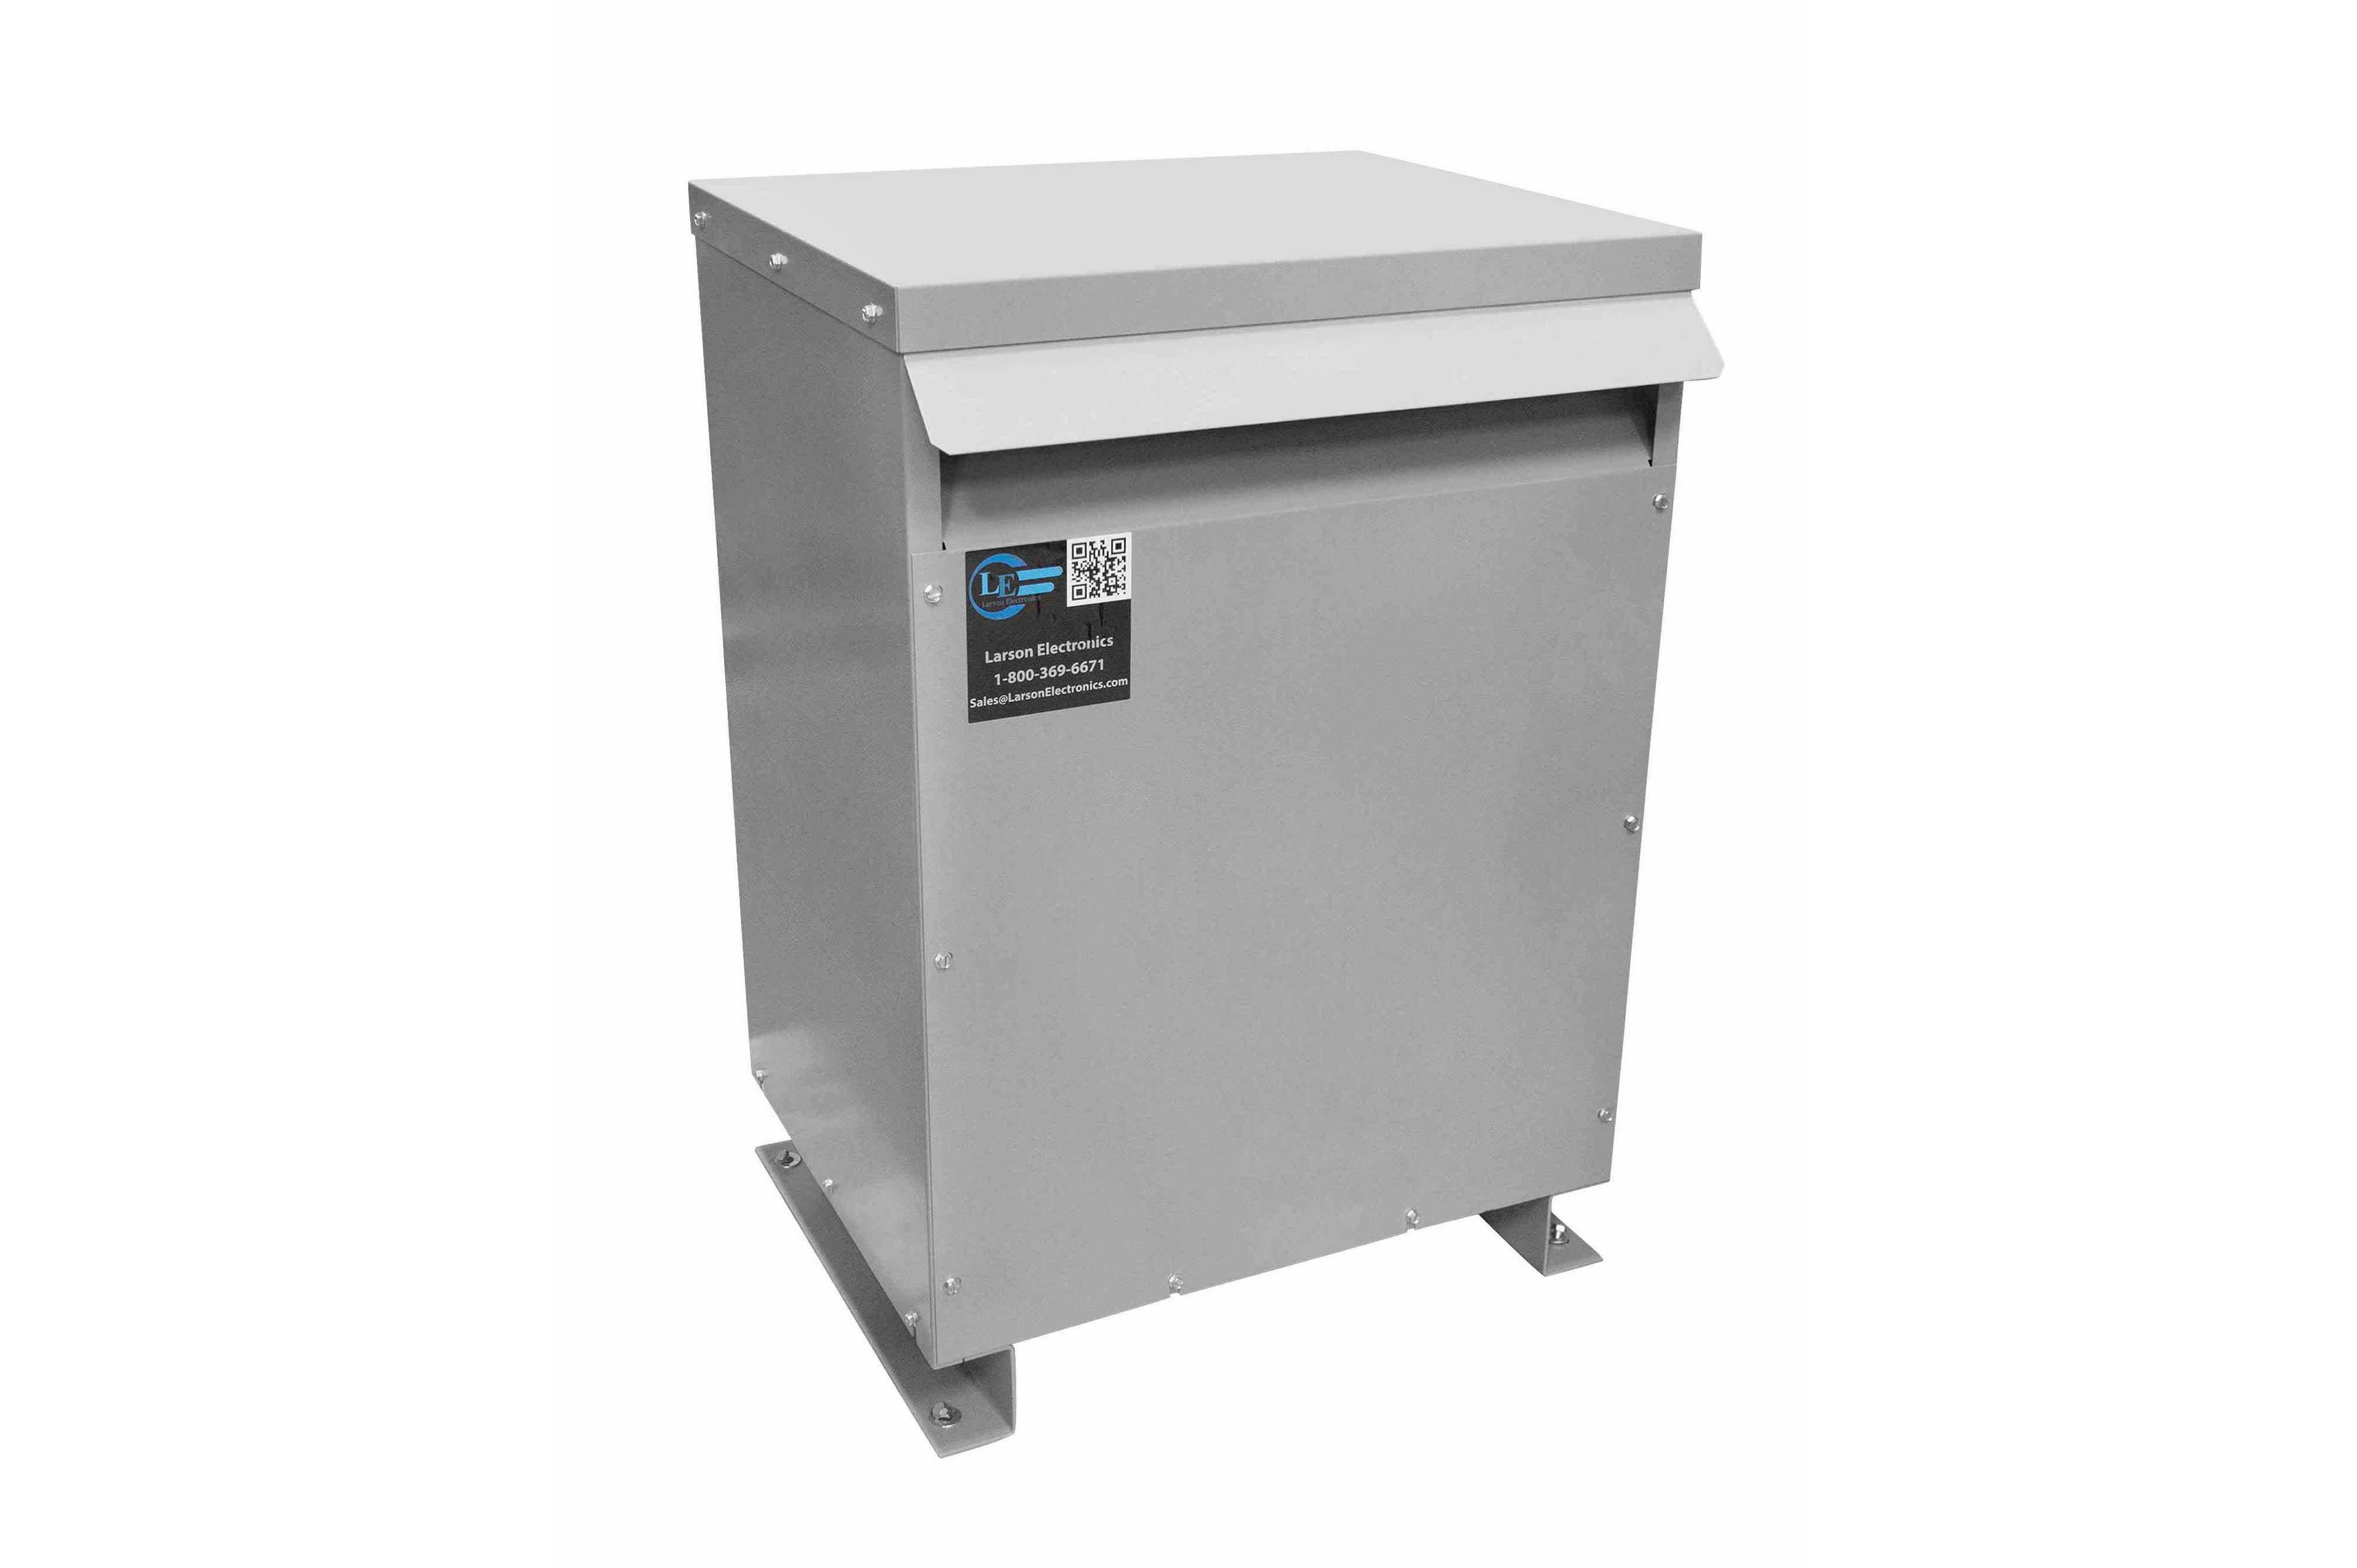 65 kVA 3PH Isolation Transformer, 460V Delta Primary, 575V Delta Secondary, N3R, Ventilated, 60 Hz